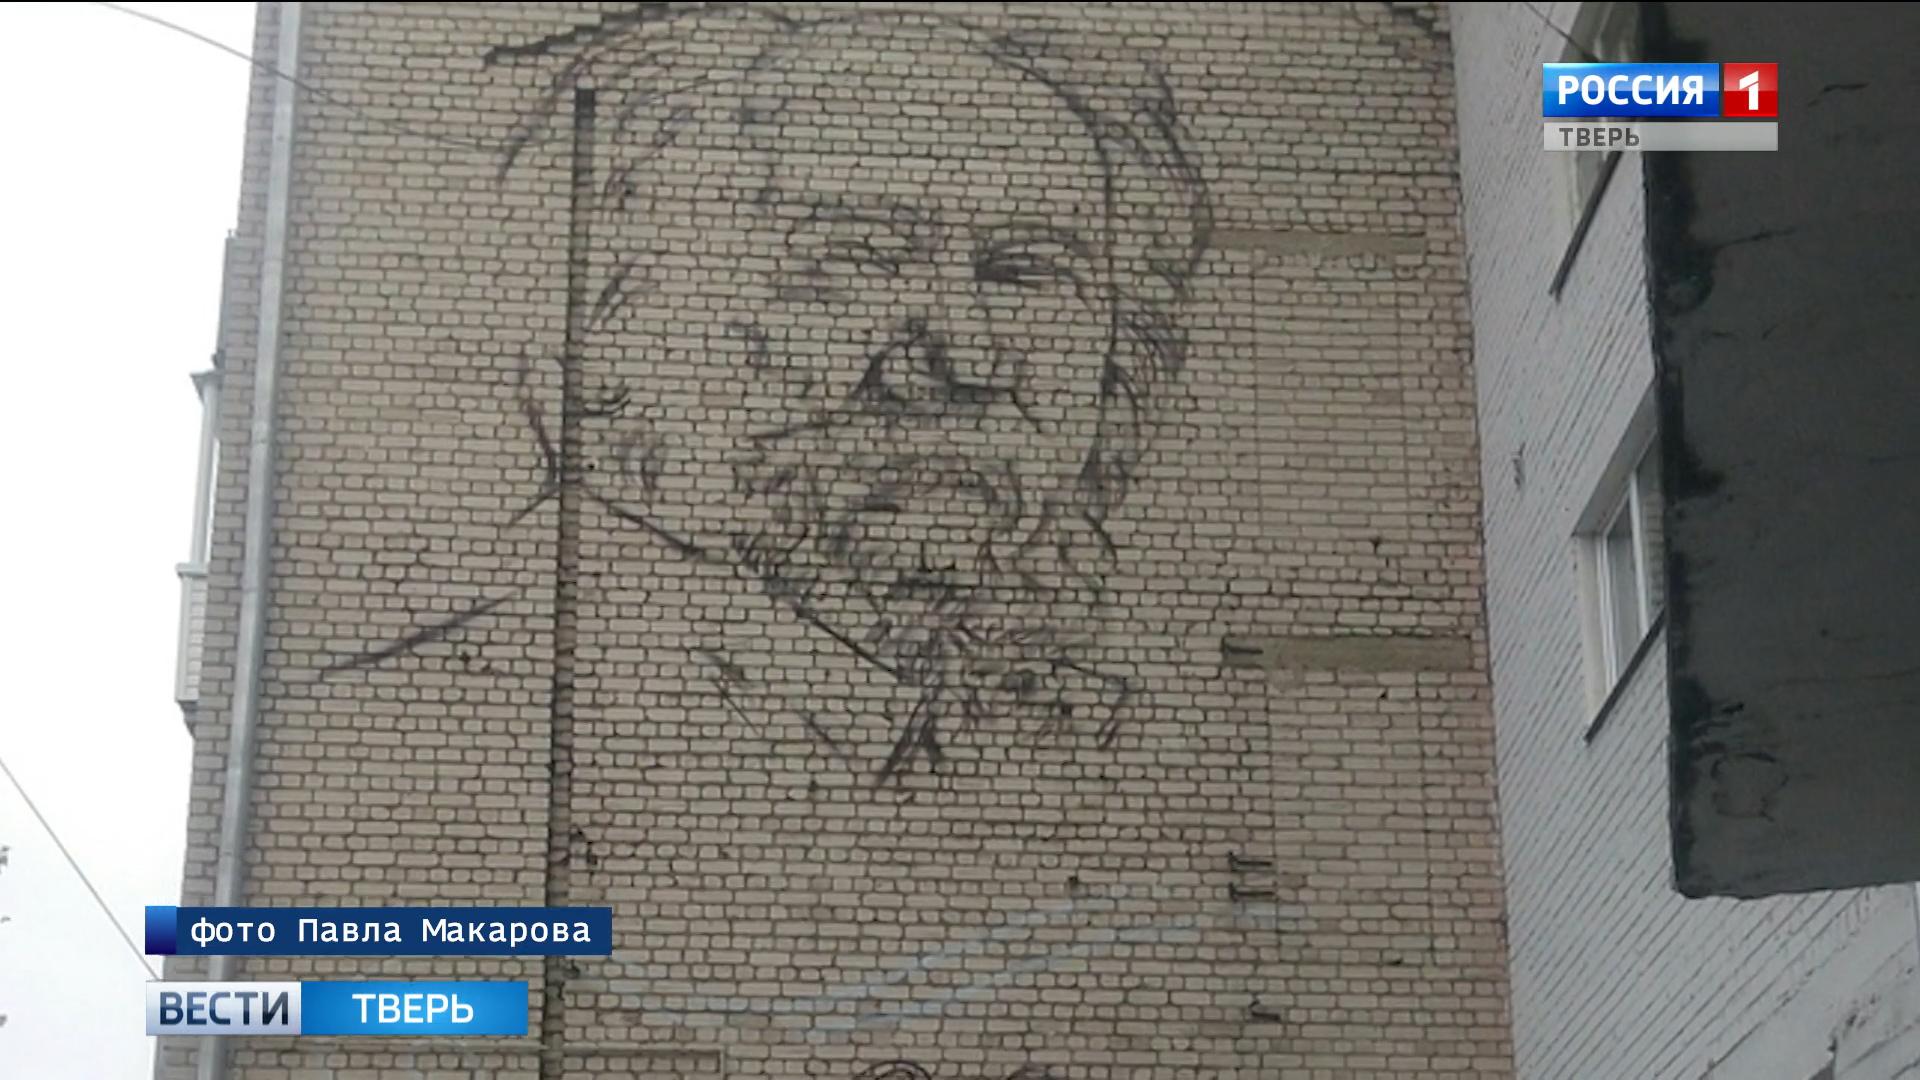 20181003_18-43-Новое граффити появилось в Твери